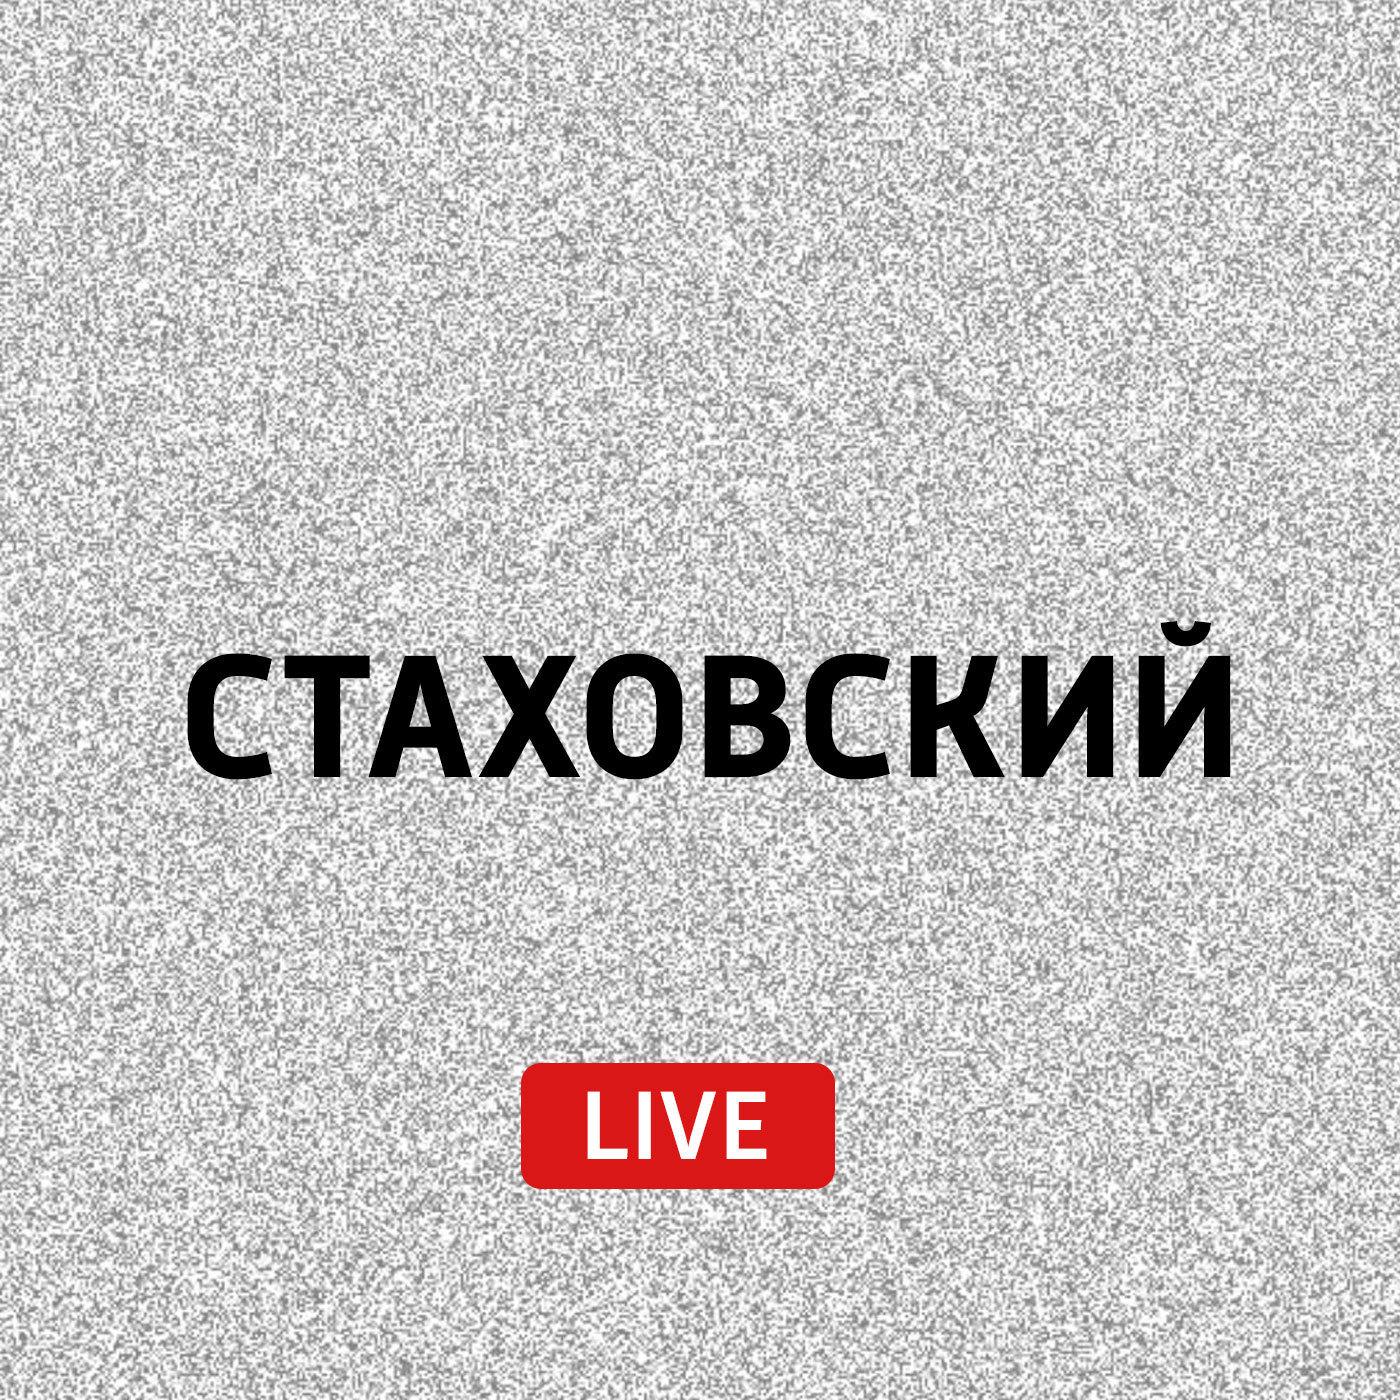 Евгений Стаховский Фестиваль кино евгений стаховский о поэзии